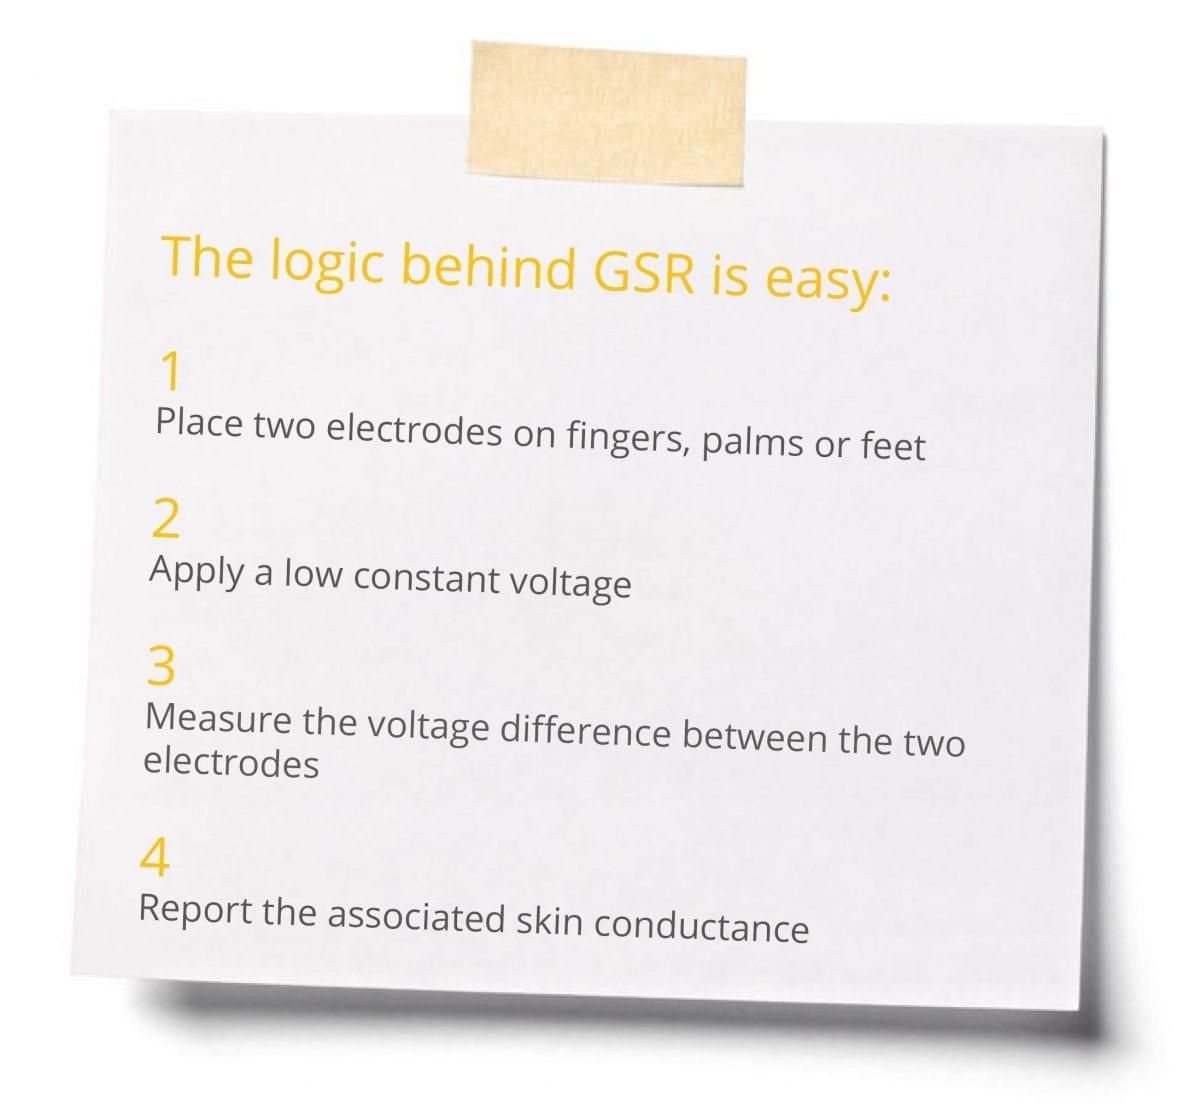 logic behind GSR